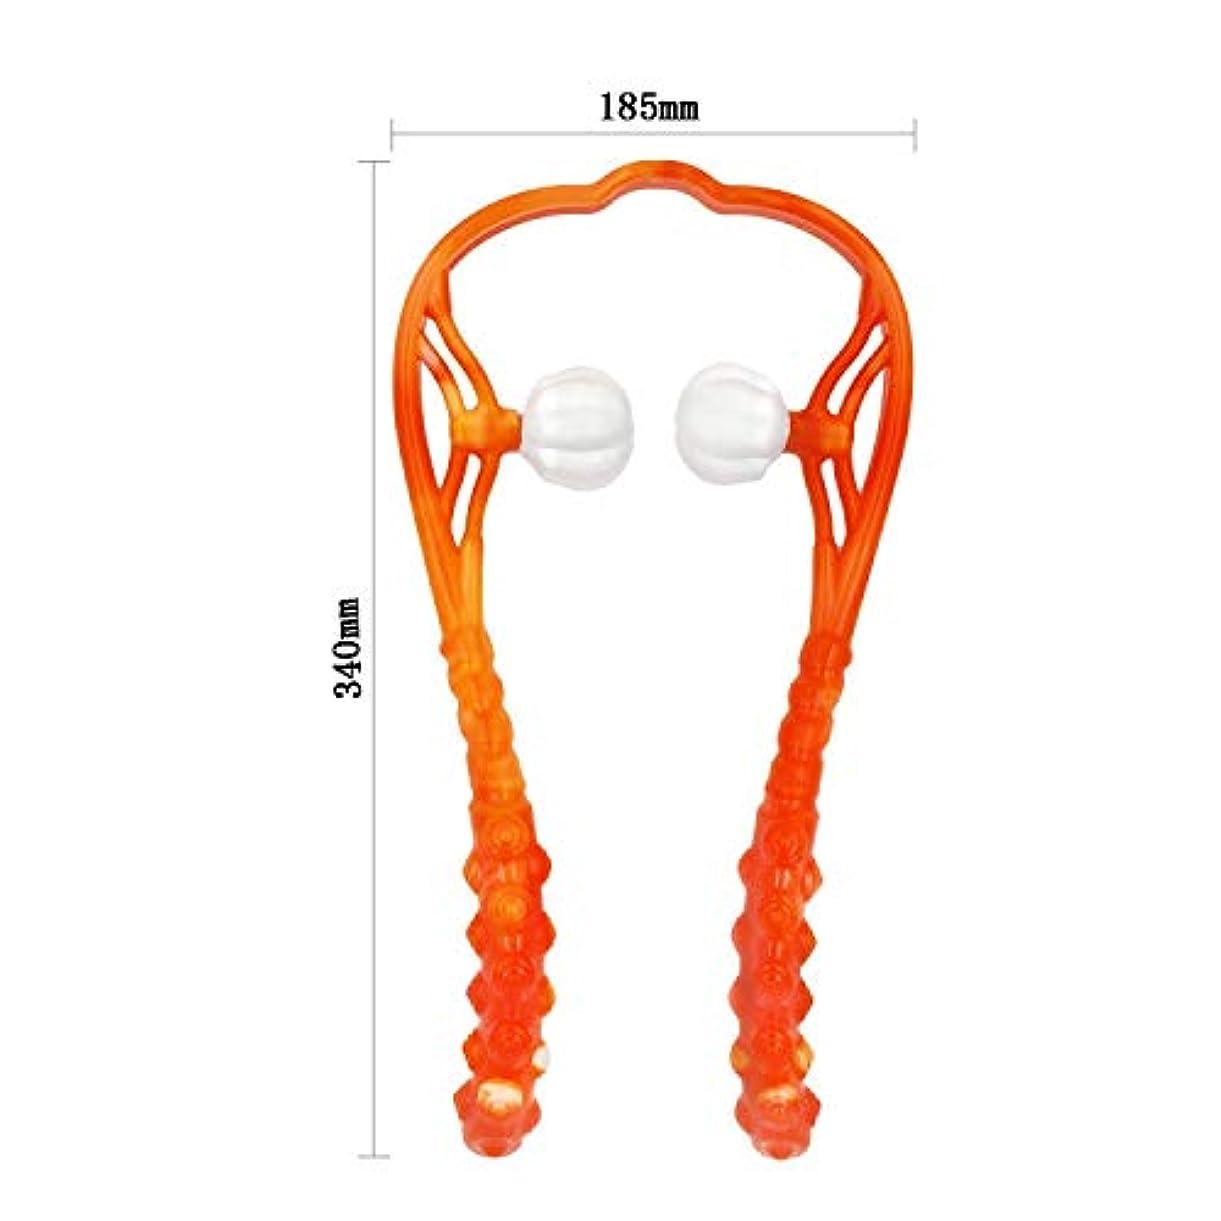 オークション。ベルTrueland ネック マッサージャー 首マッサージ器 肩 首 腰 足 凝り用 簡易マッサージローラー リンパマッサージ つぼ押し